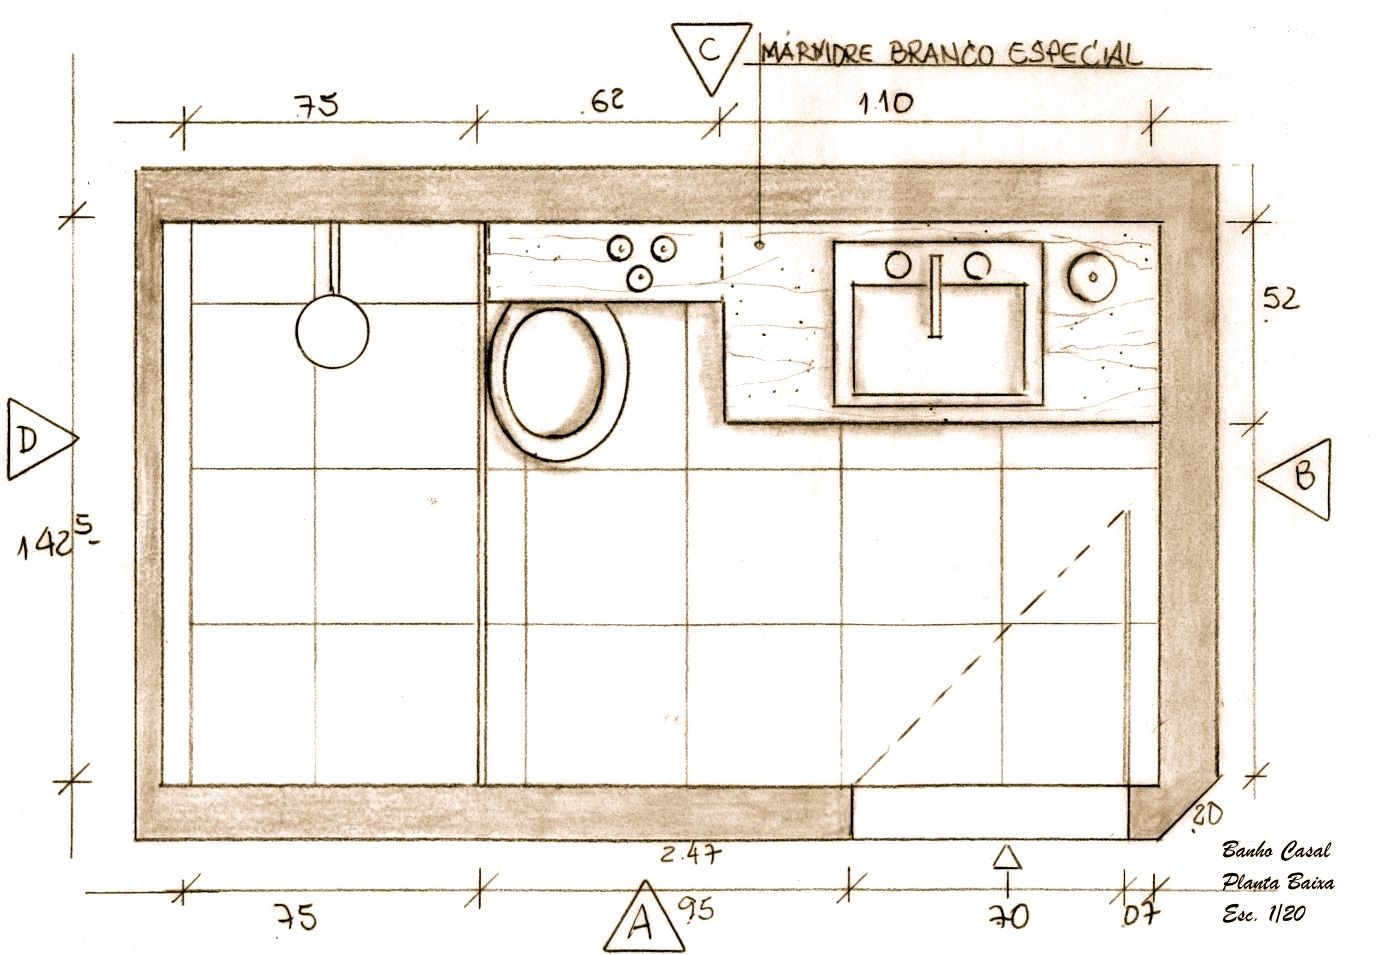 Suíte Casal  Banheiro Planta Baixa  Projeto Ana Lucia Nunes  Banheiros  P -> Projeto Banheiro Com Banheira Planta Baixa